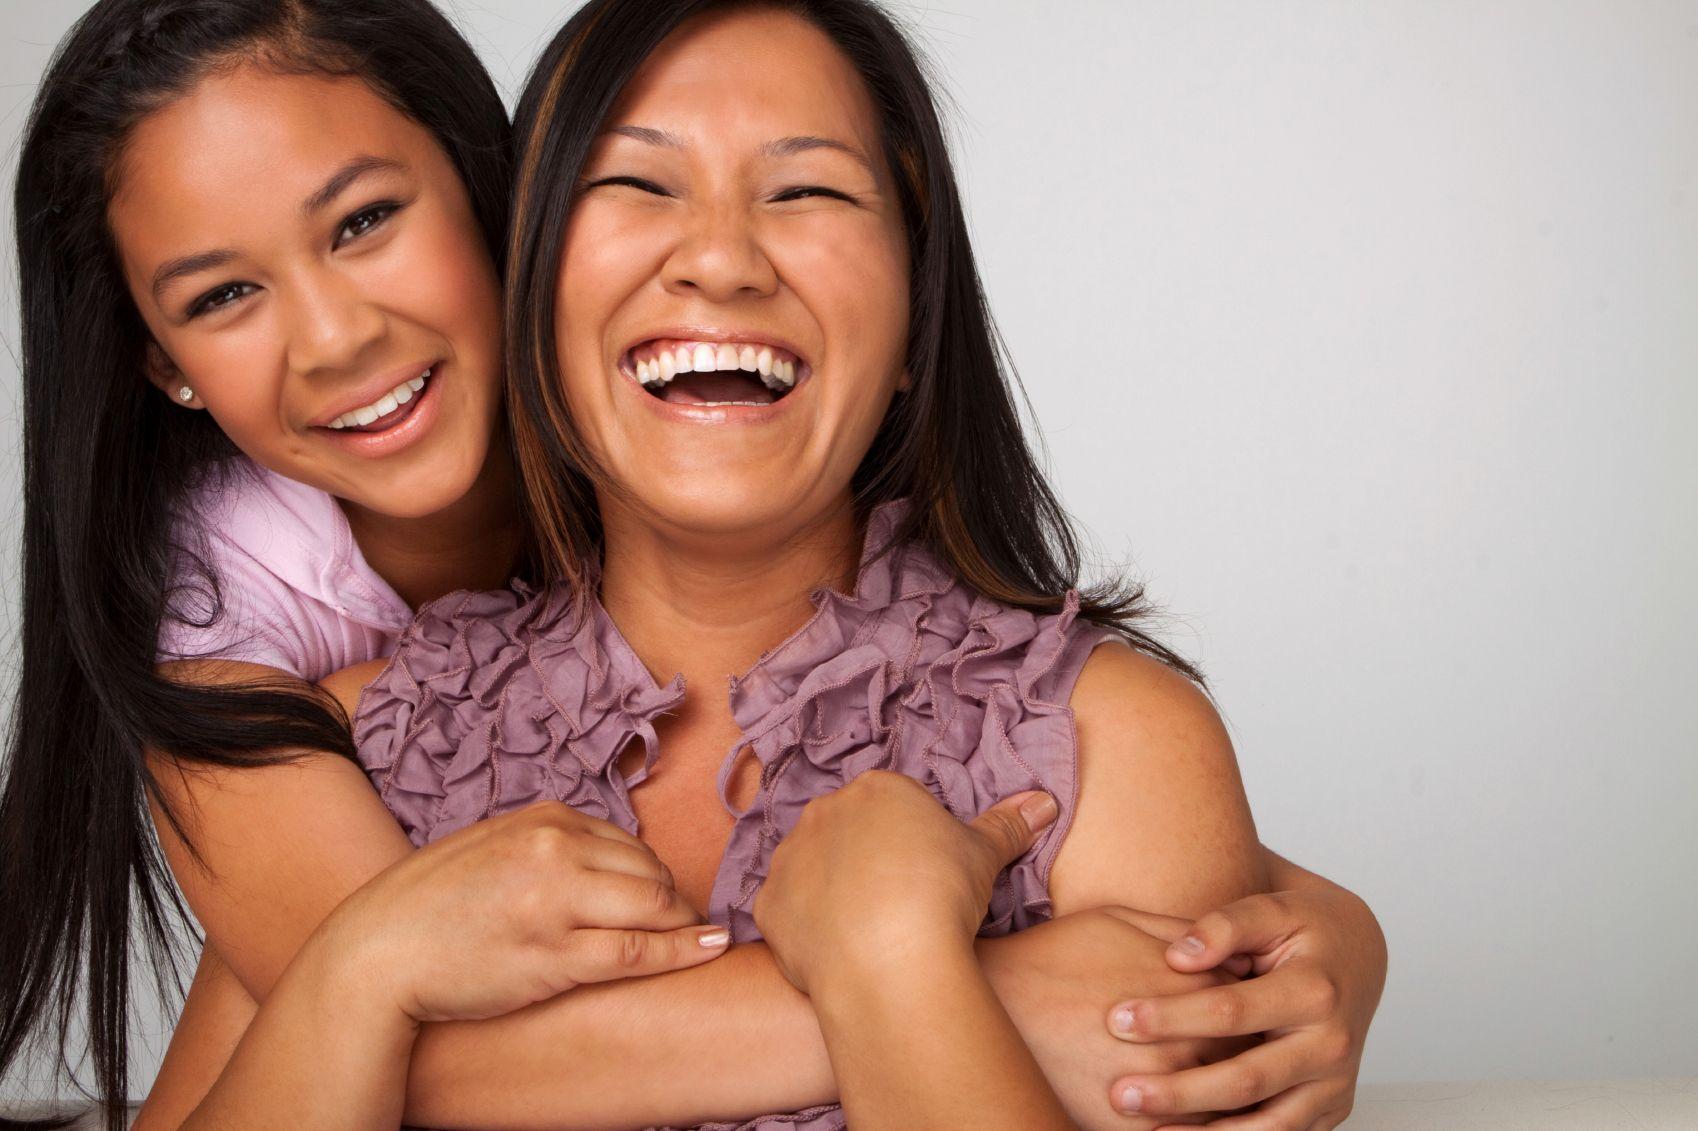 Làm sao để con gái tự thổ lộ với bạn?  1